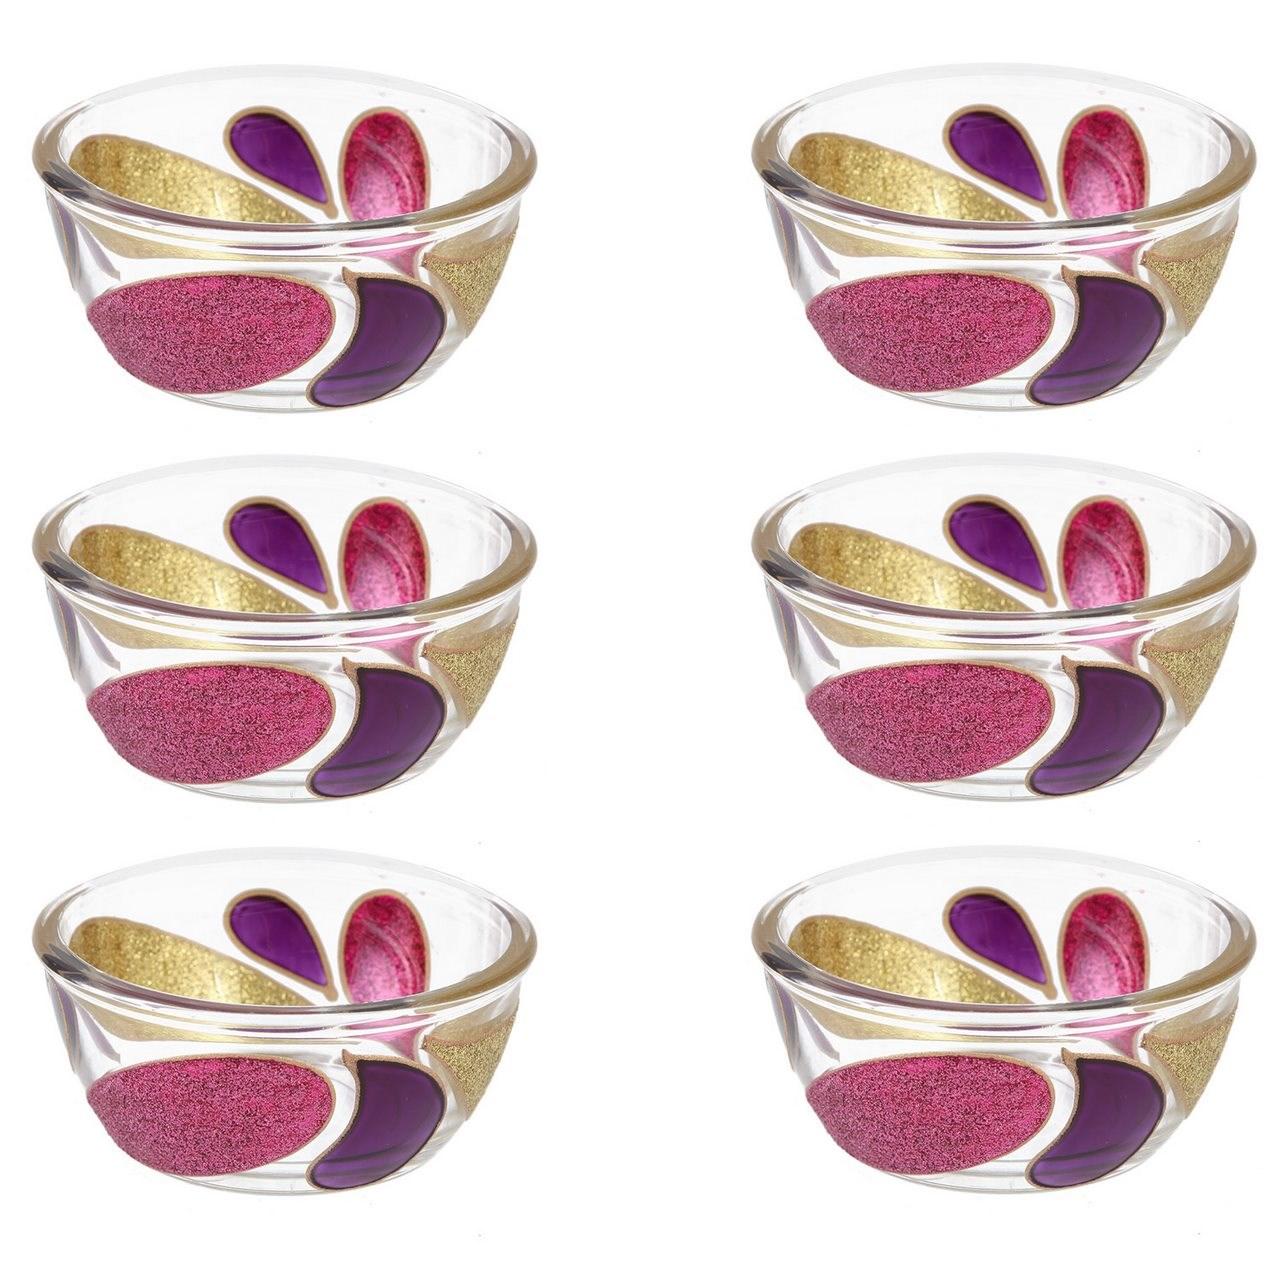 ظروف شیشه ای گالری انار کد  134114مجموعه شش عددی